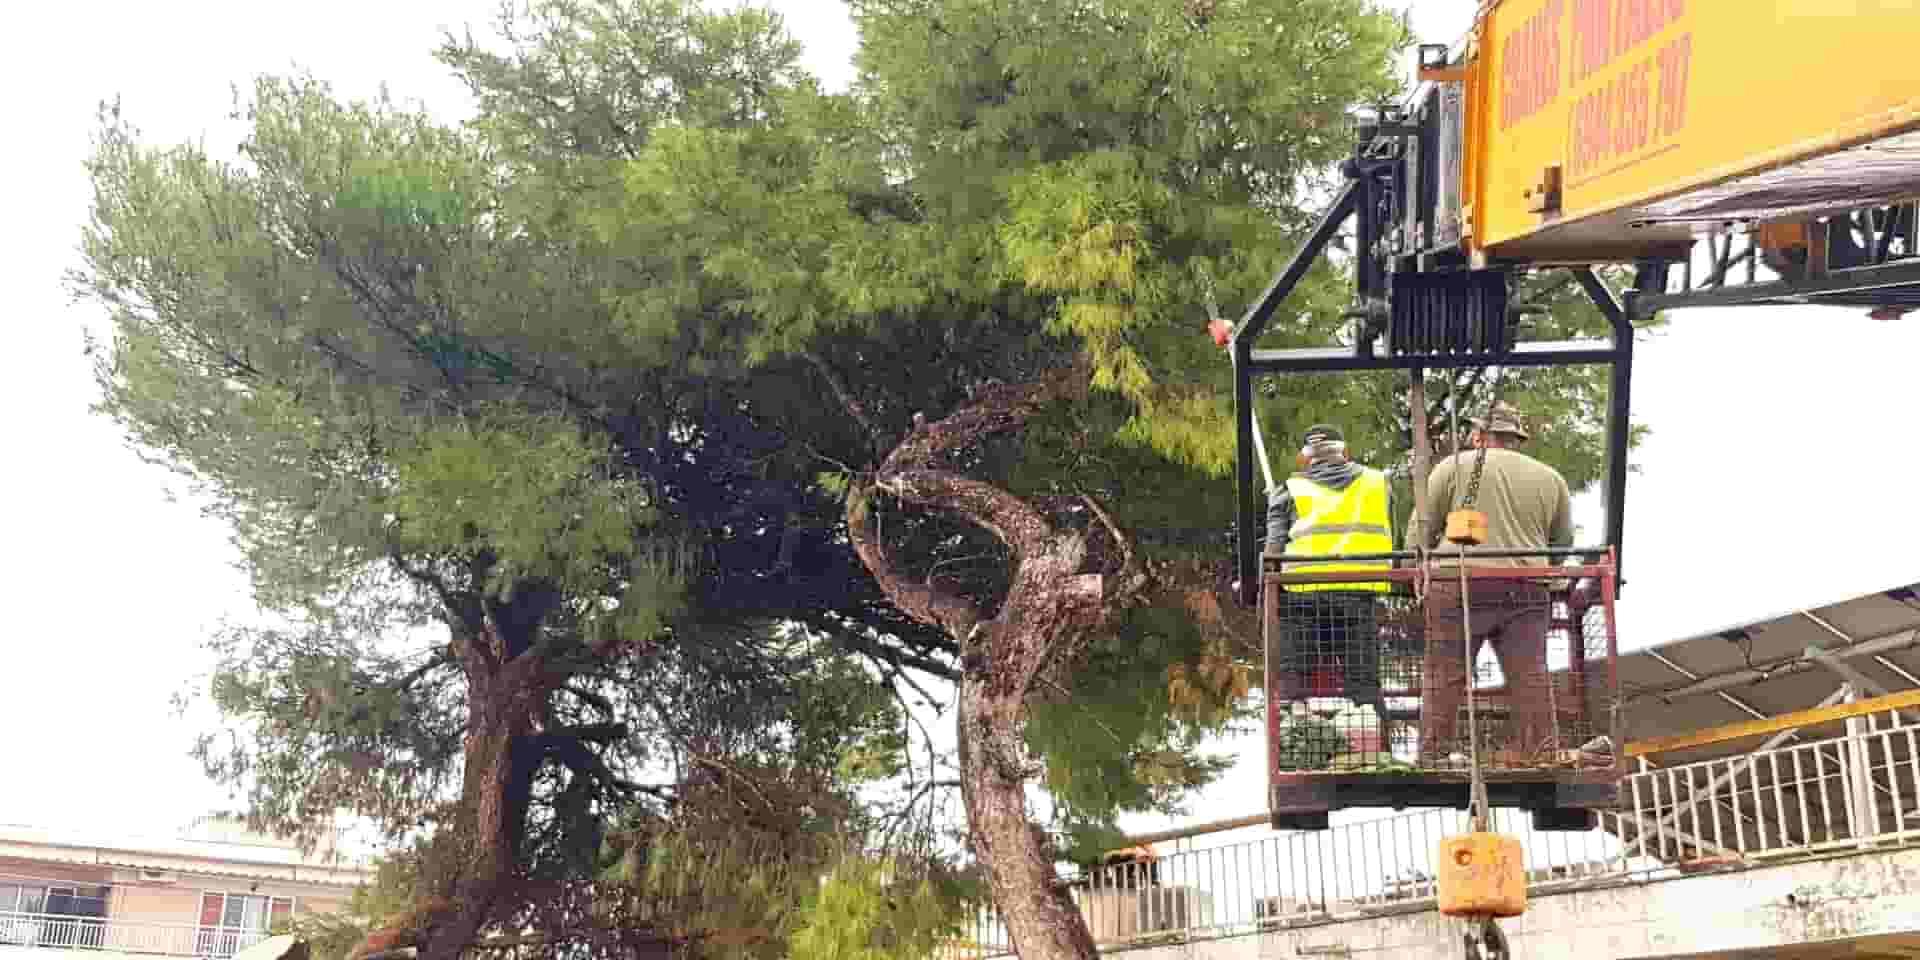 κοπή υψηλών δένδρων τιμές κόστος προσφορά Θεσσαλονίκη Χαλκιδική